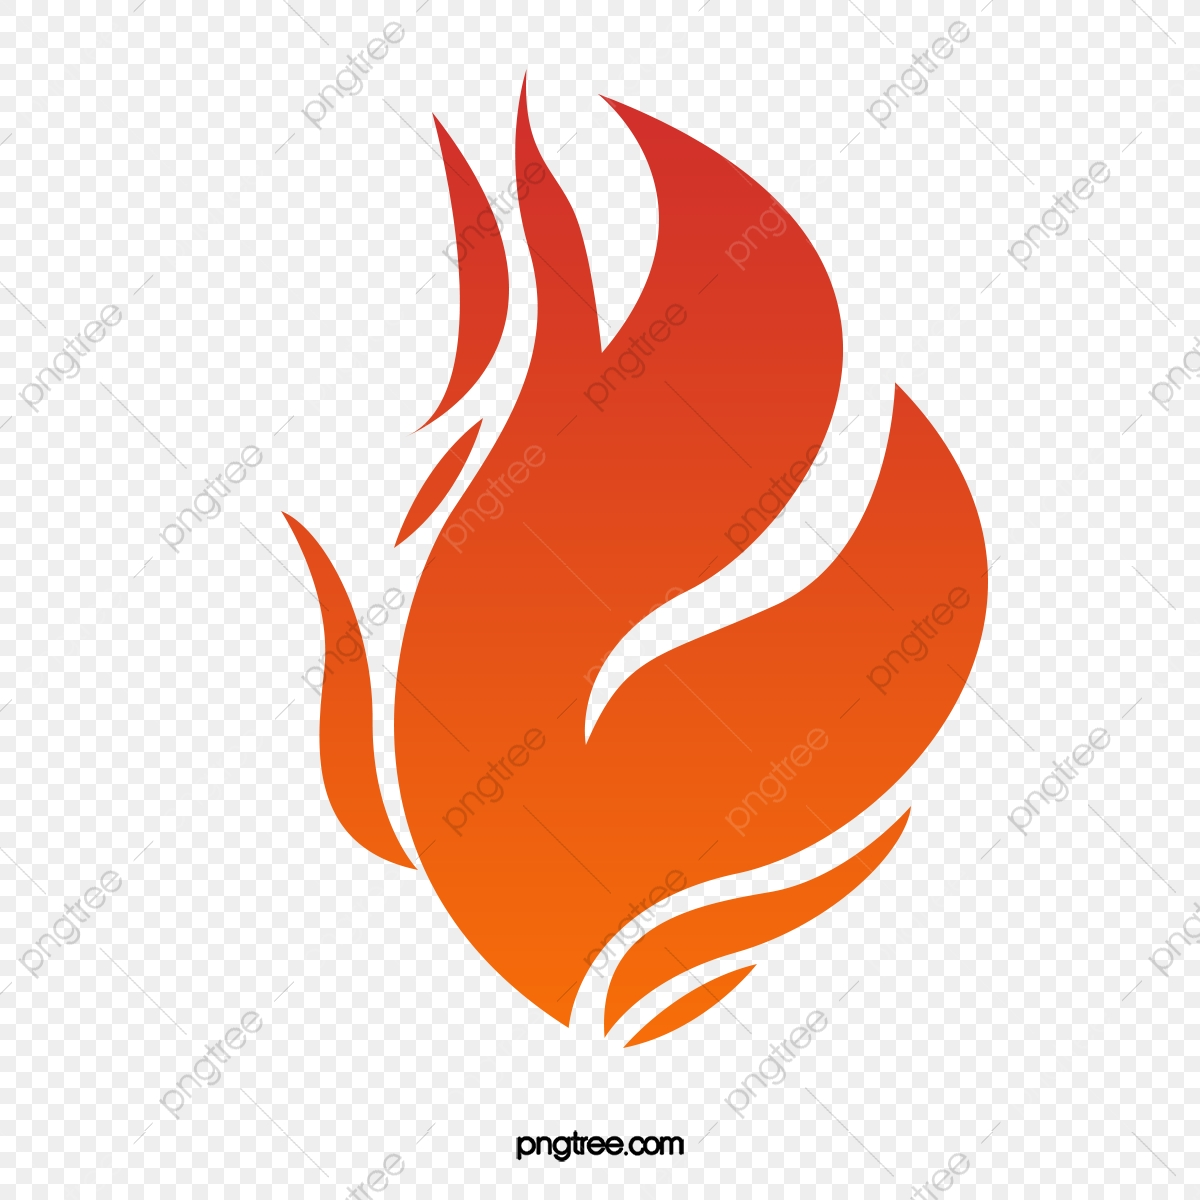 graphic free library Llama roja parpadeando forma. Fuego vector